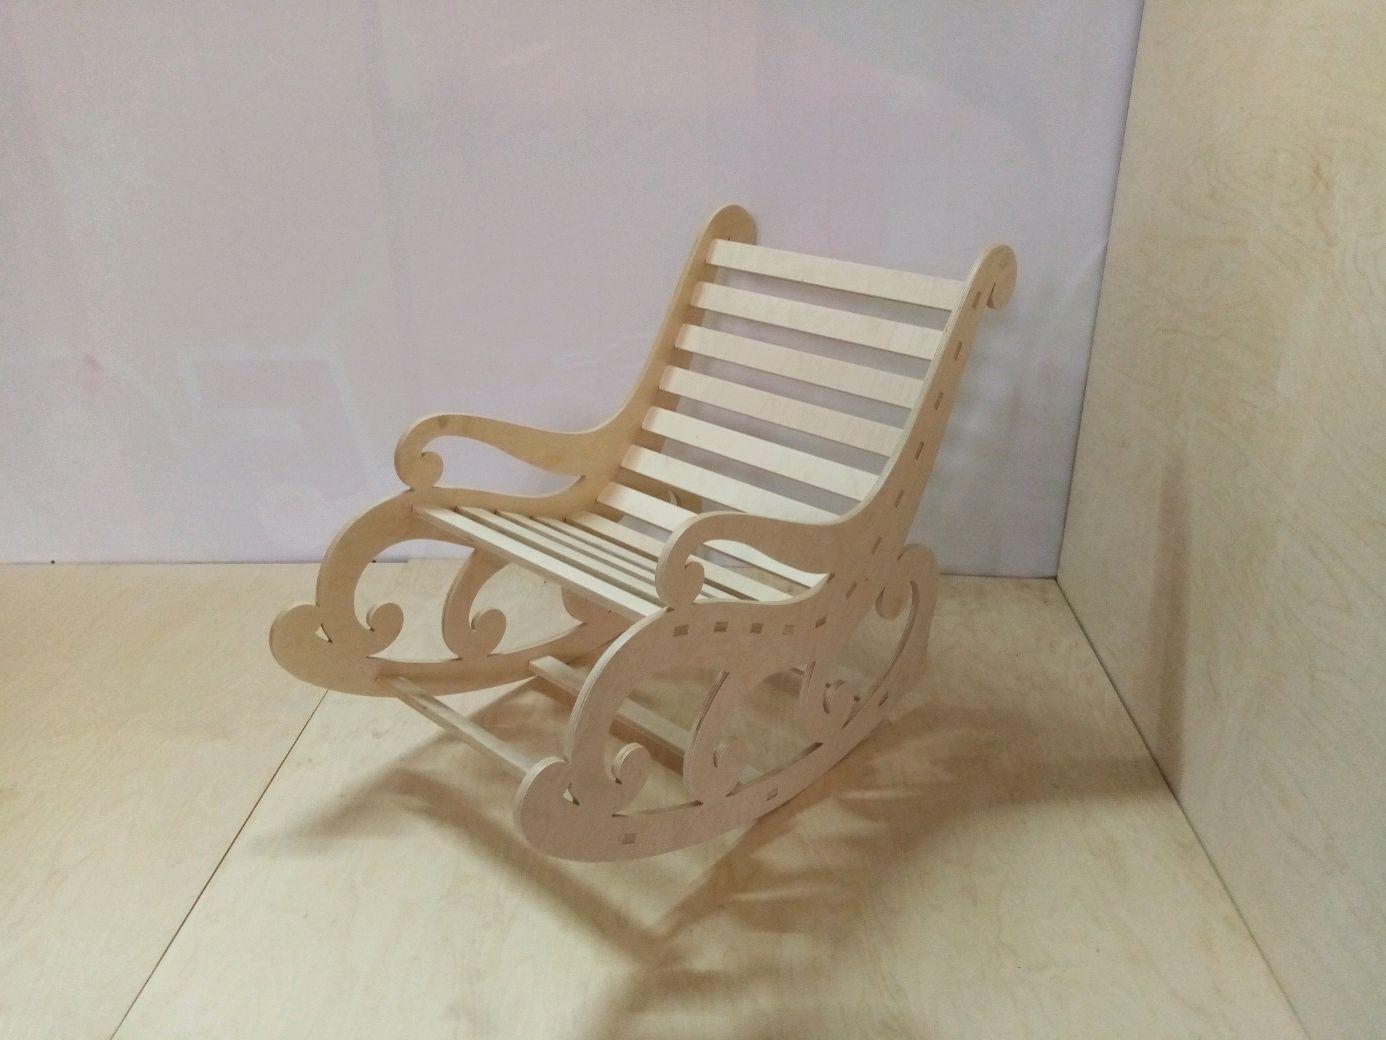 Кресло-качалка своими руками: виды изделия и варианты изготовления